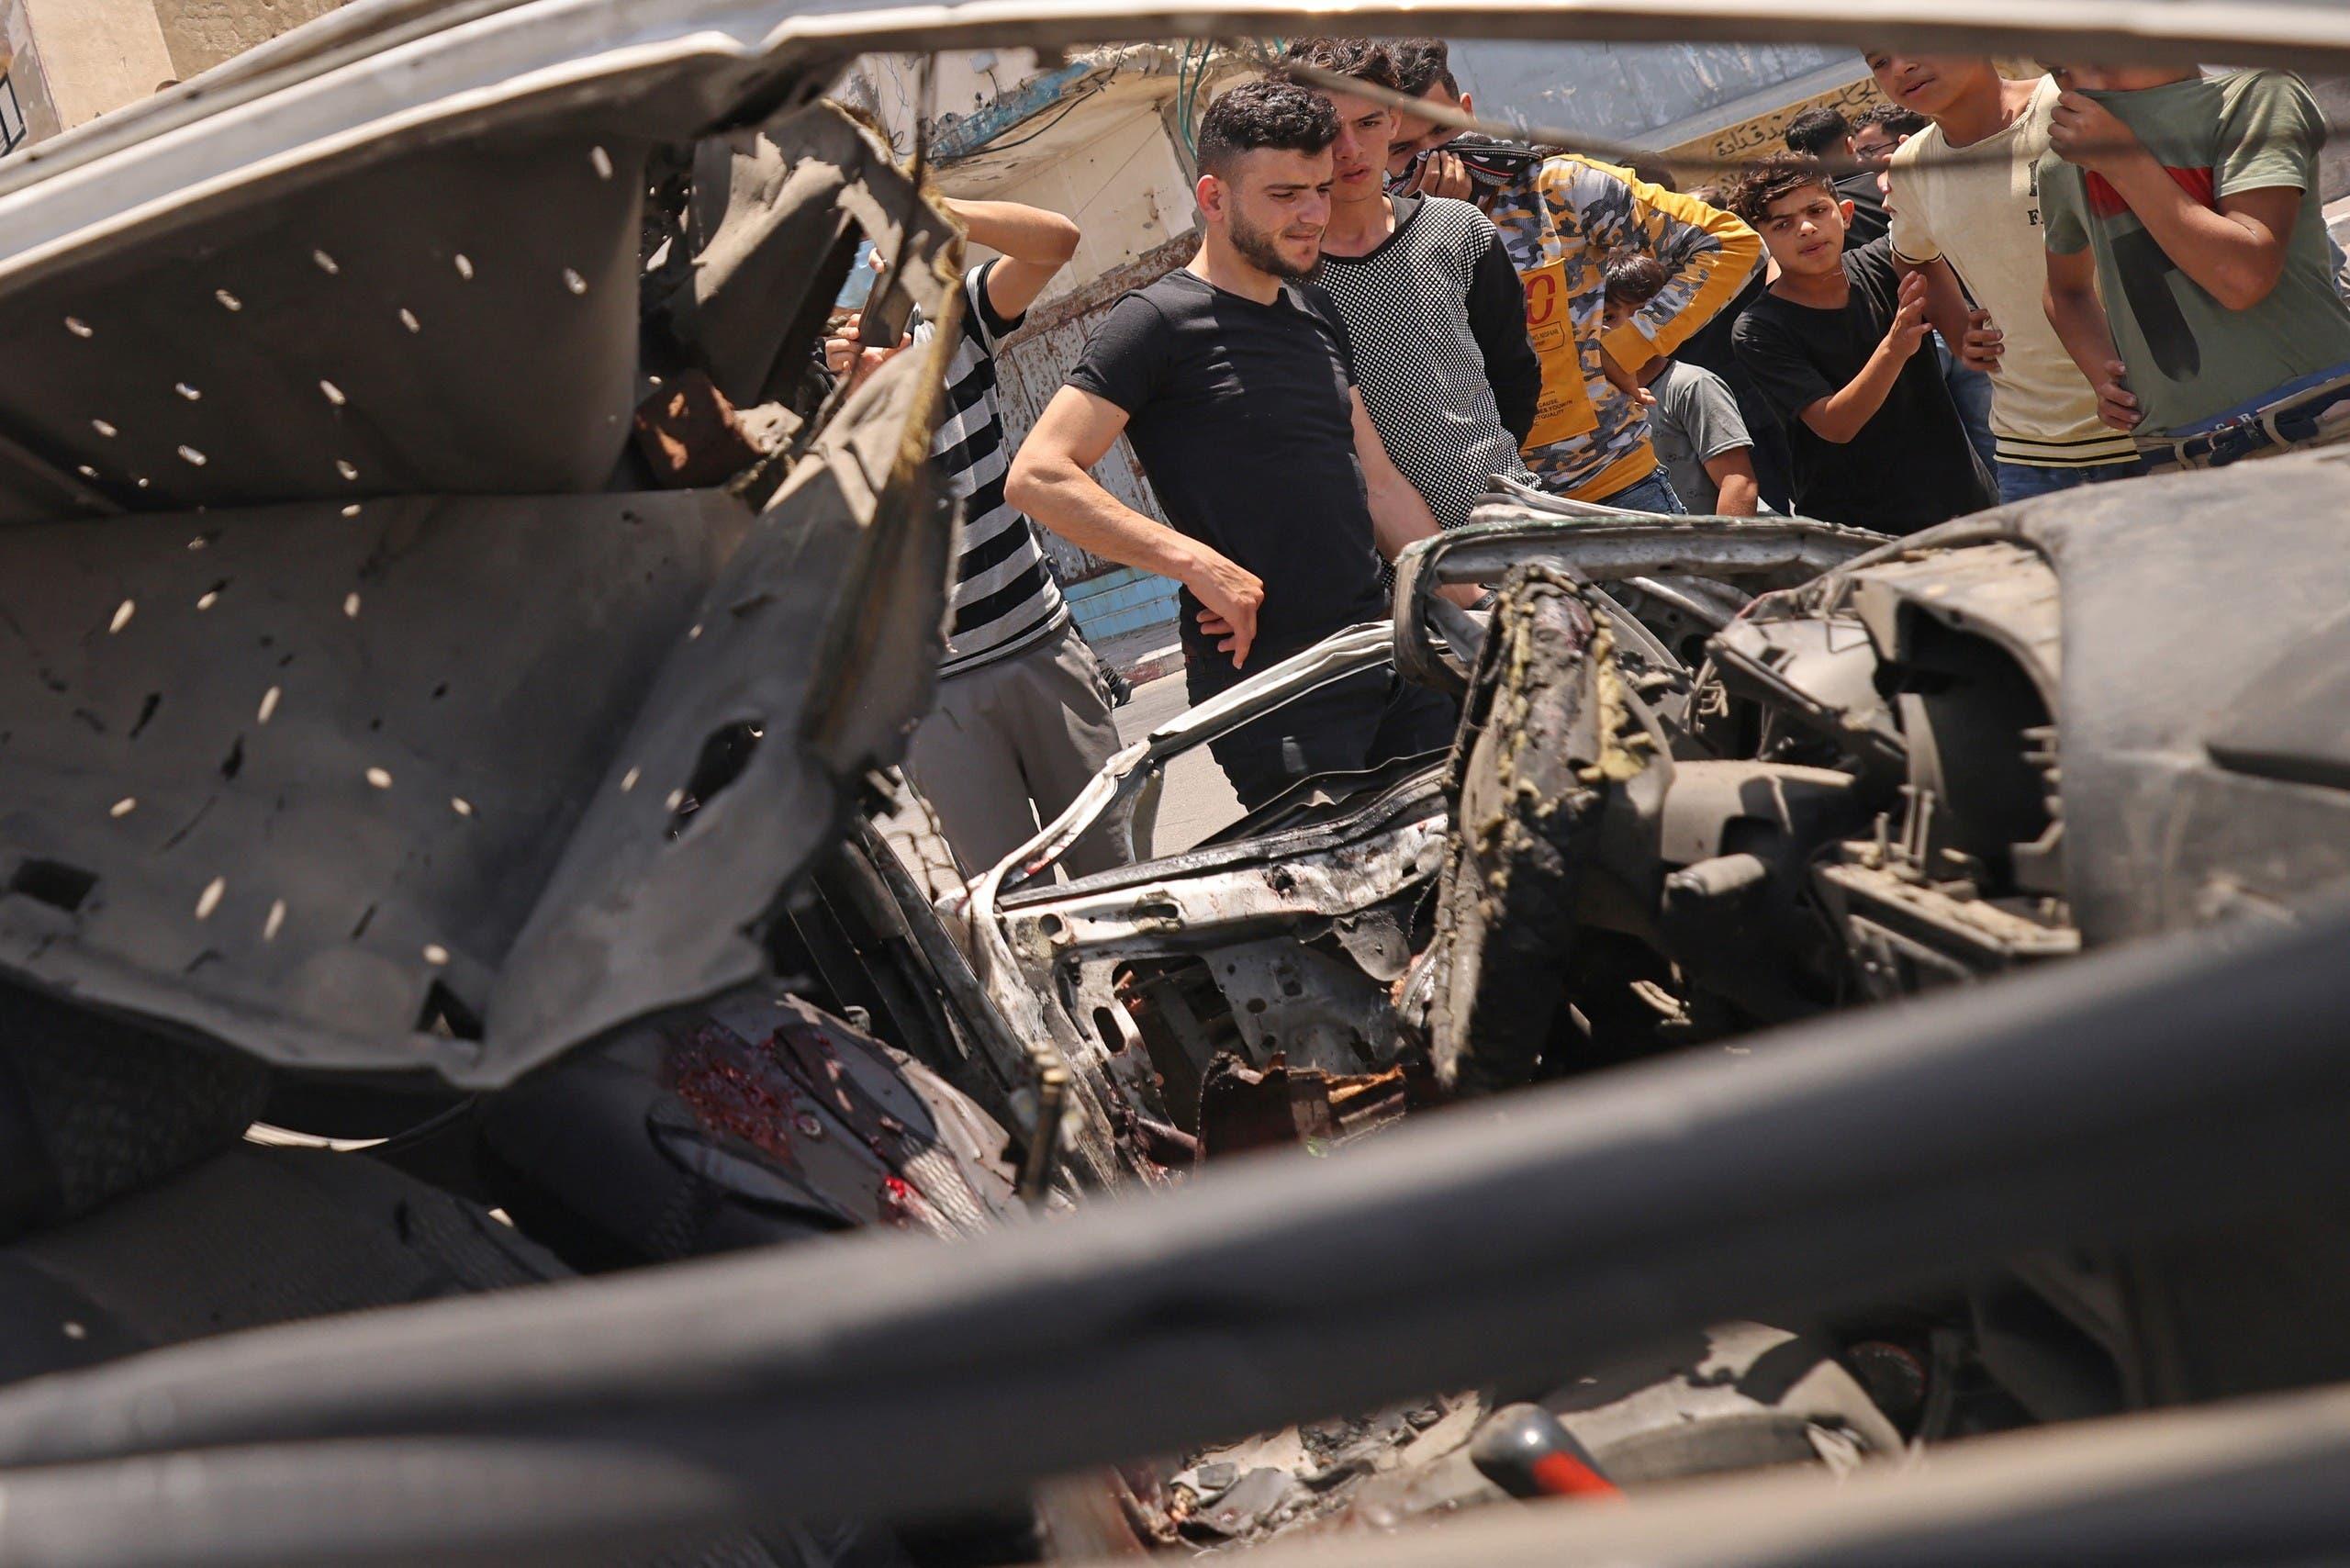 تضرر سيارة في غزة إثر استهدافها بقصف إسرائيلي